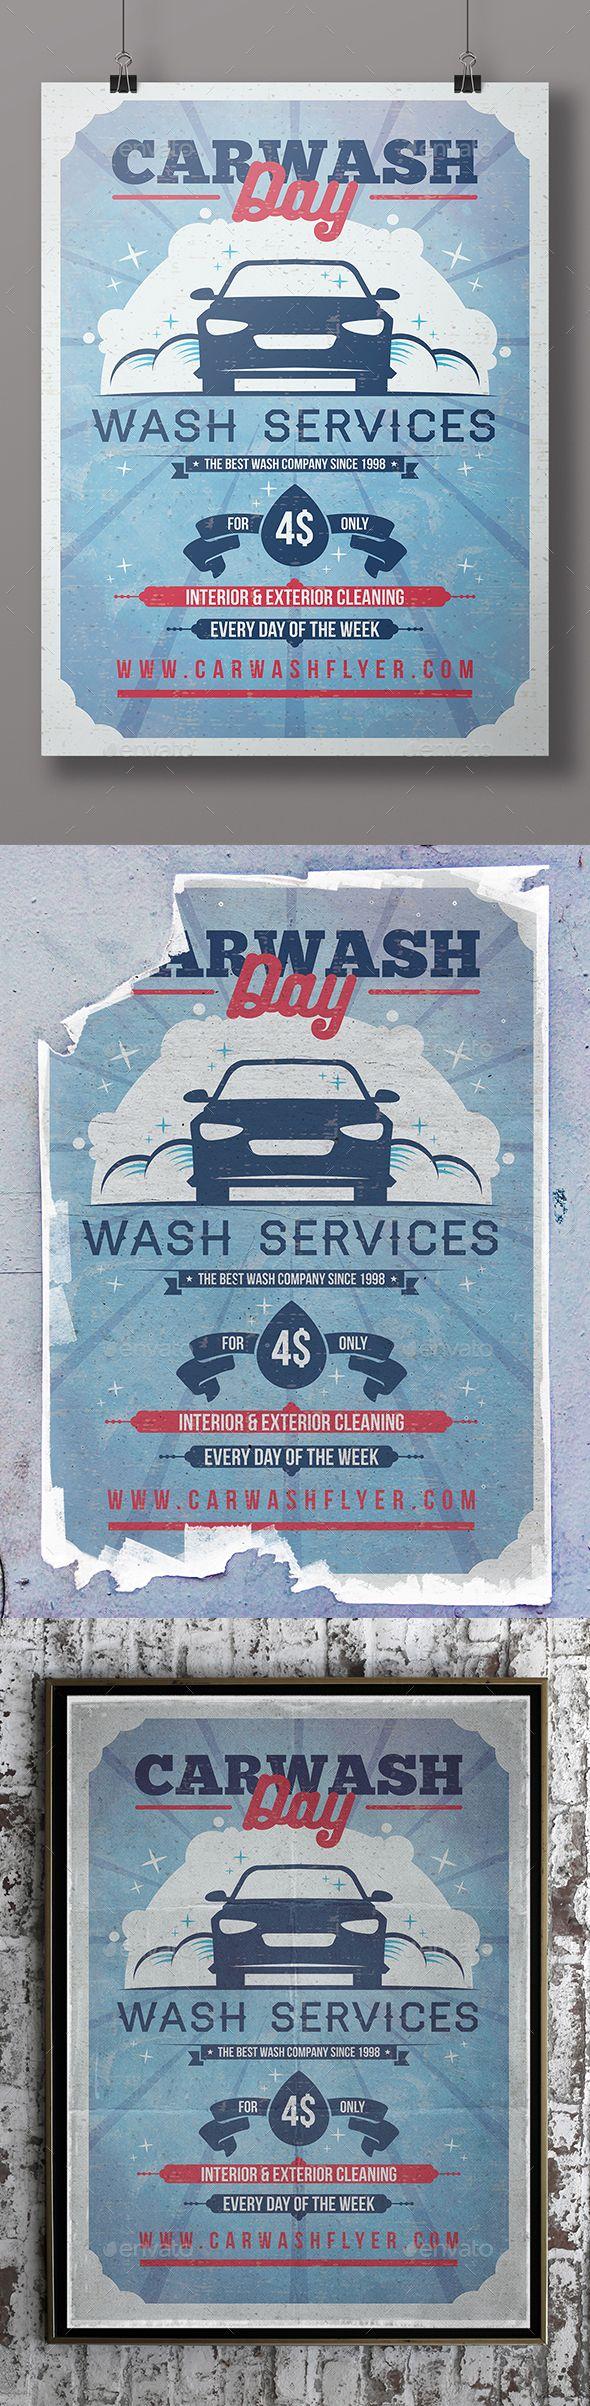 Car Wash Flyer Template | Publicitaria, Lavar y Crecer